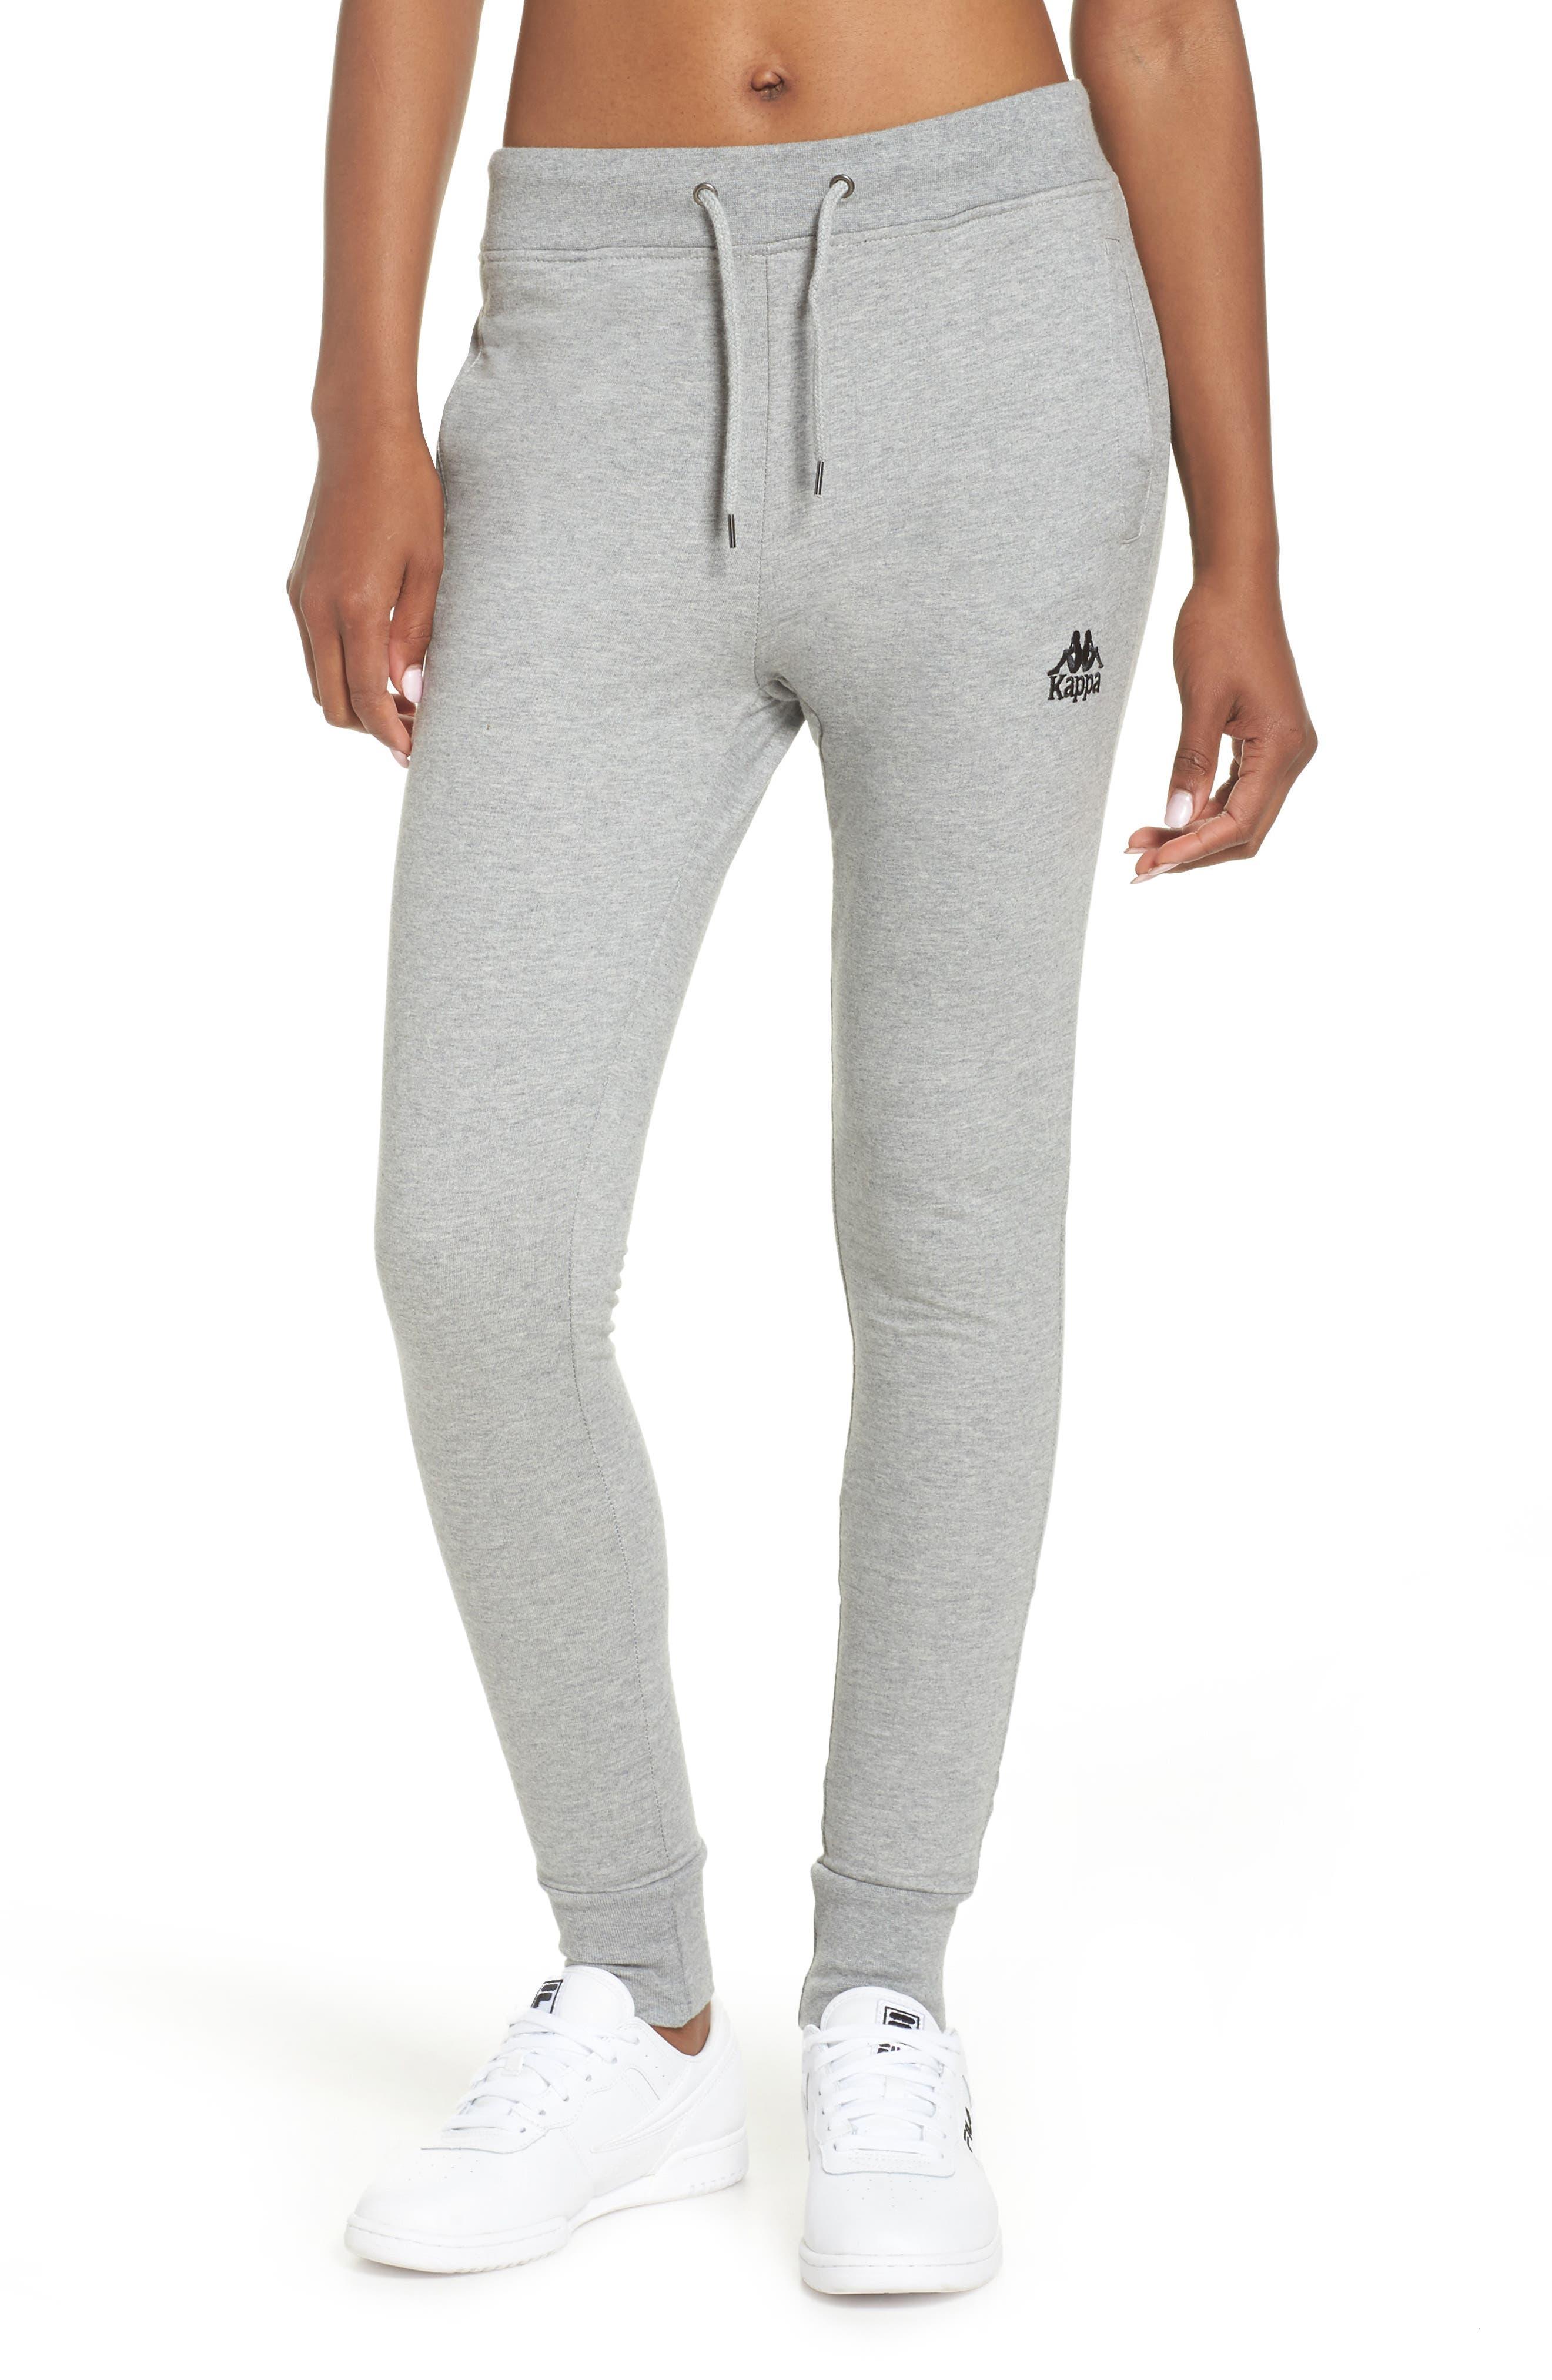 Authentic Cresta Slim Fit Sweatpants,                         Main,                         color,